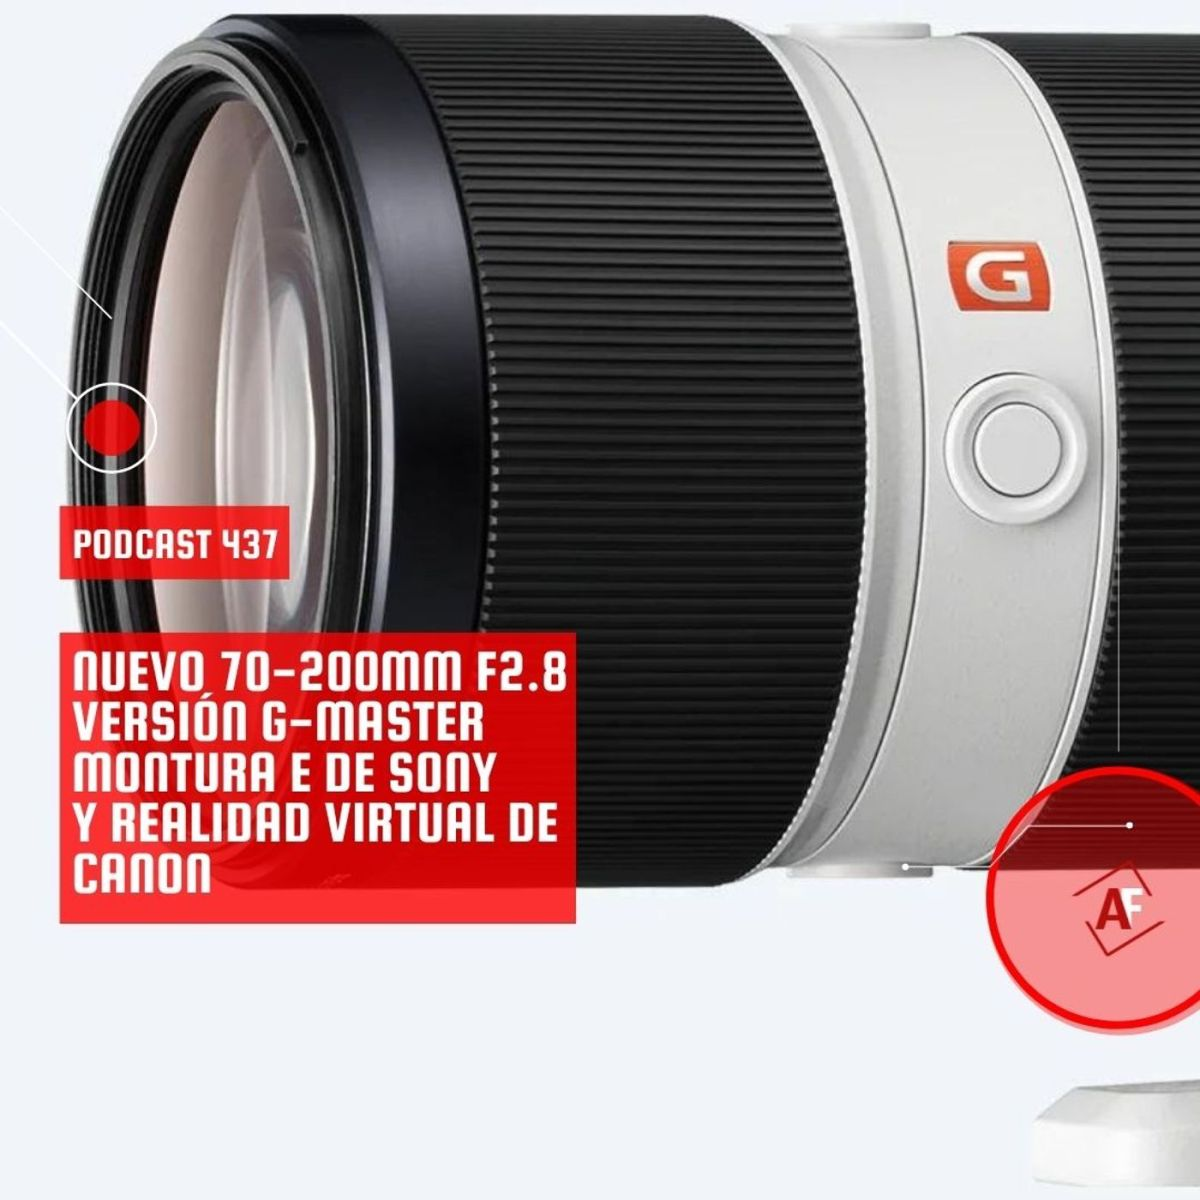 Nuevo 70-200mm f2.8 versión G-Master Montura E de Sony y realidad virtual de Canon